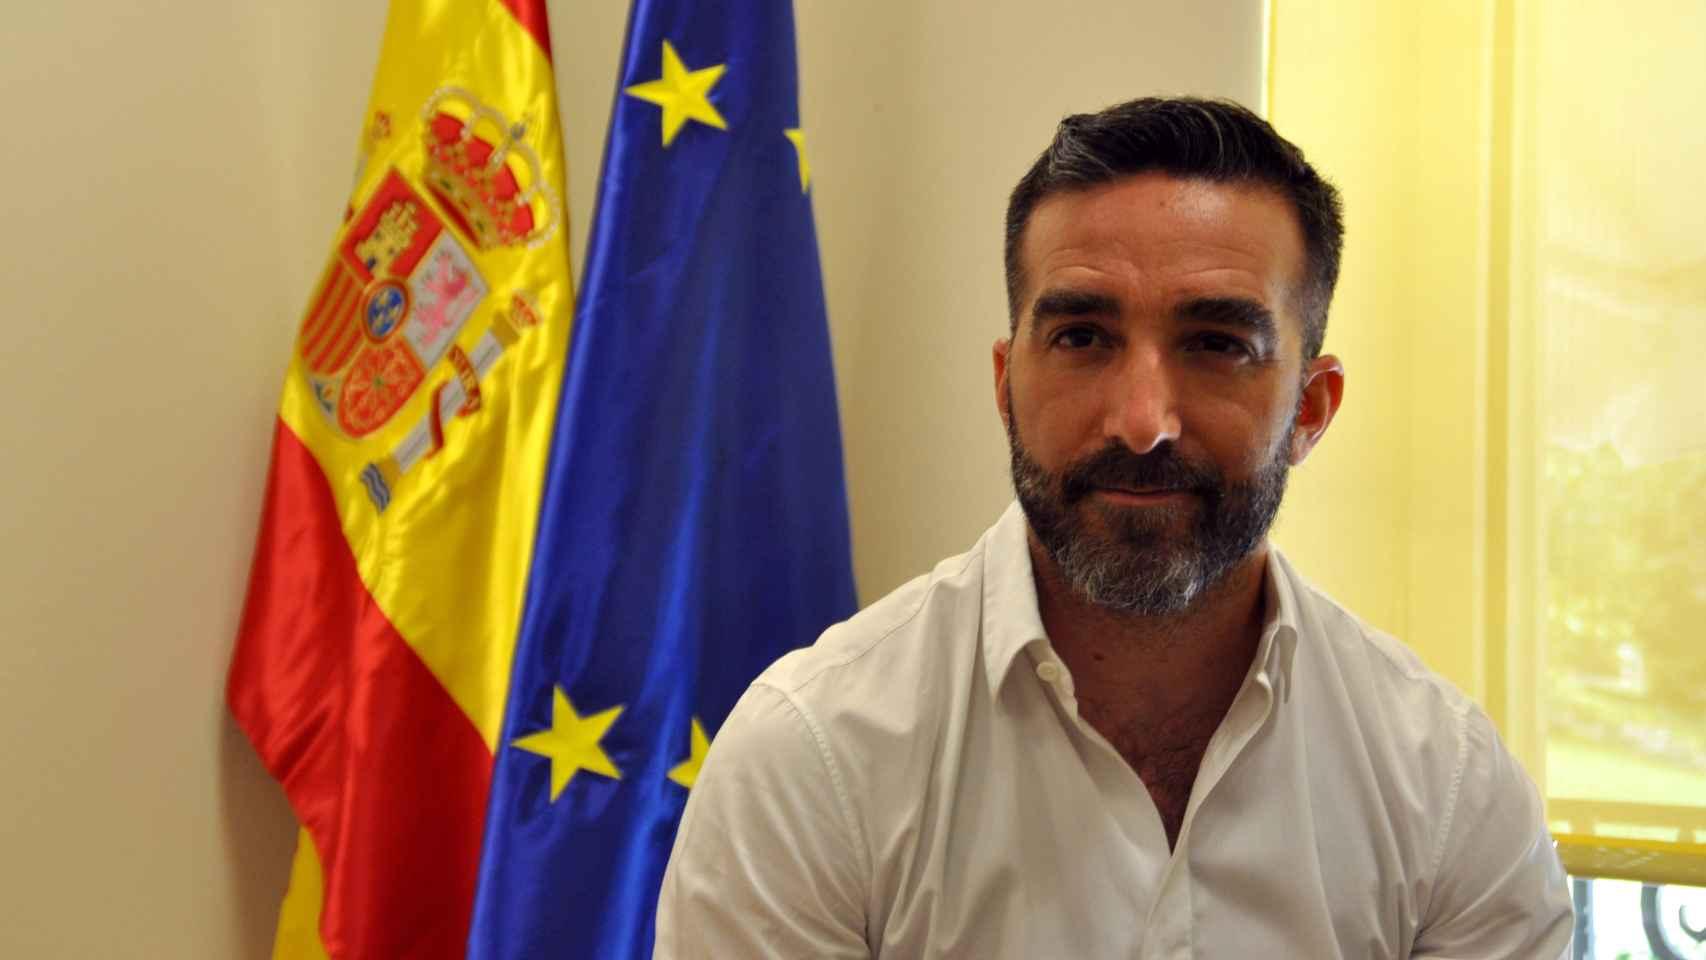 Francisco Polo, Alto Comisionado para la España Nación Emprendedora.